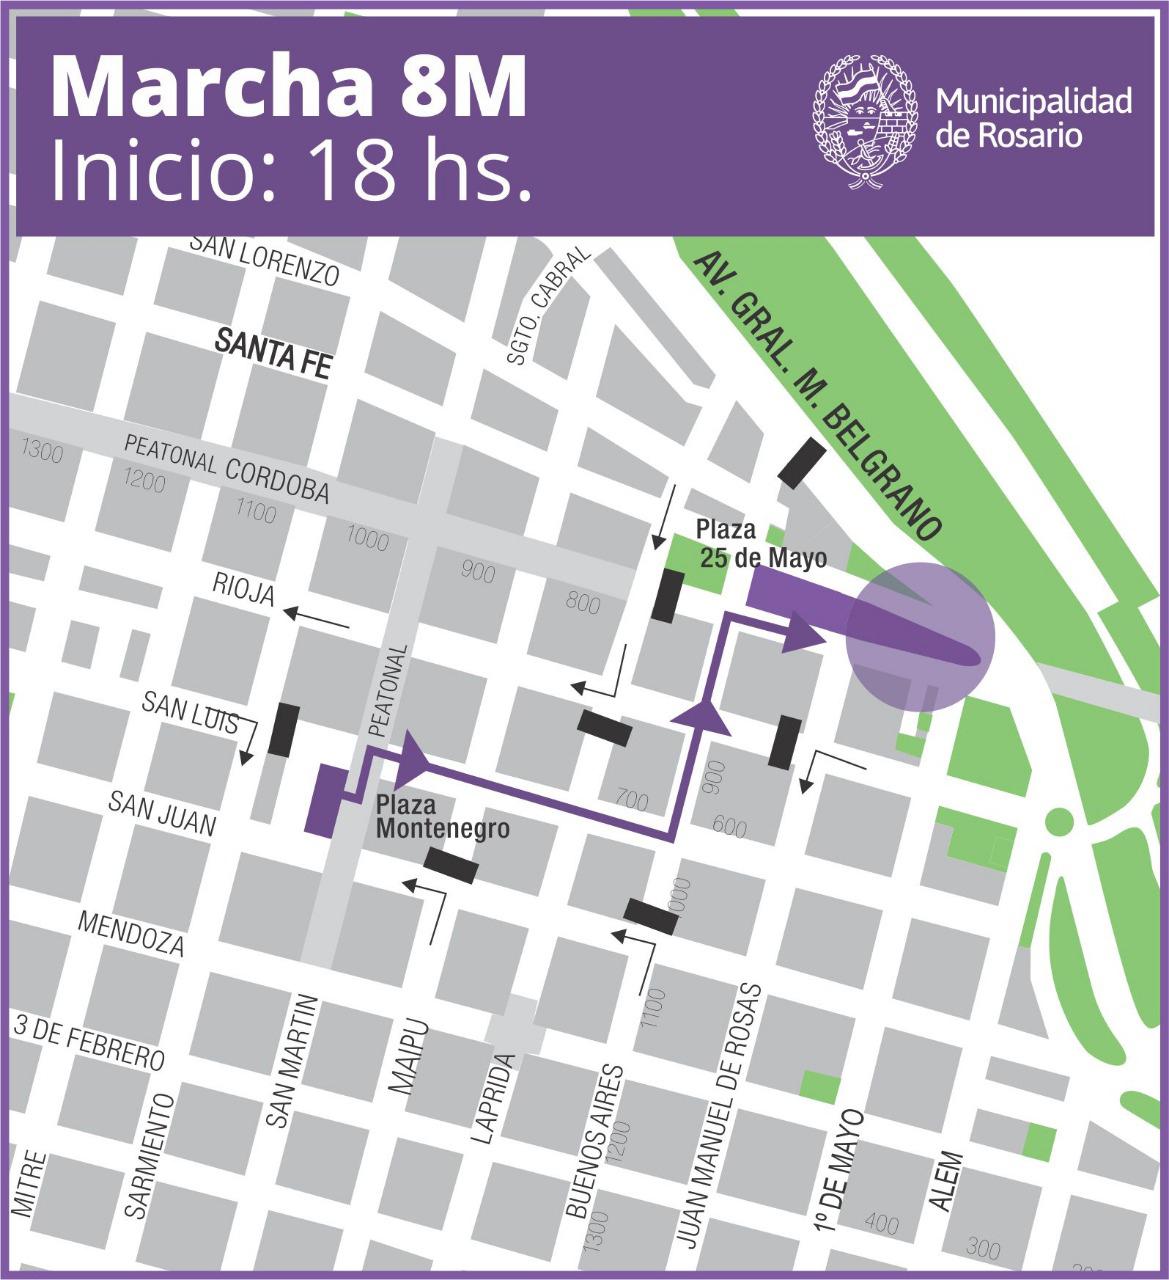 mapa marcha